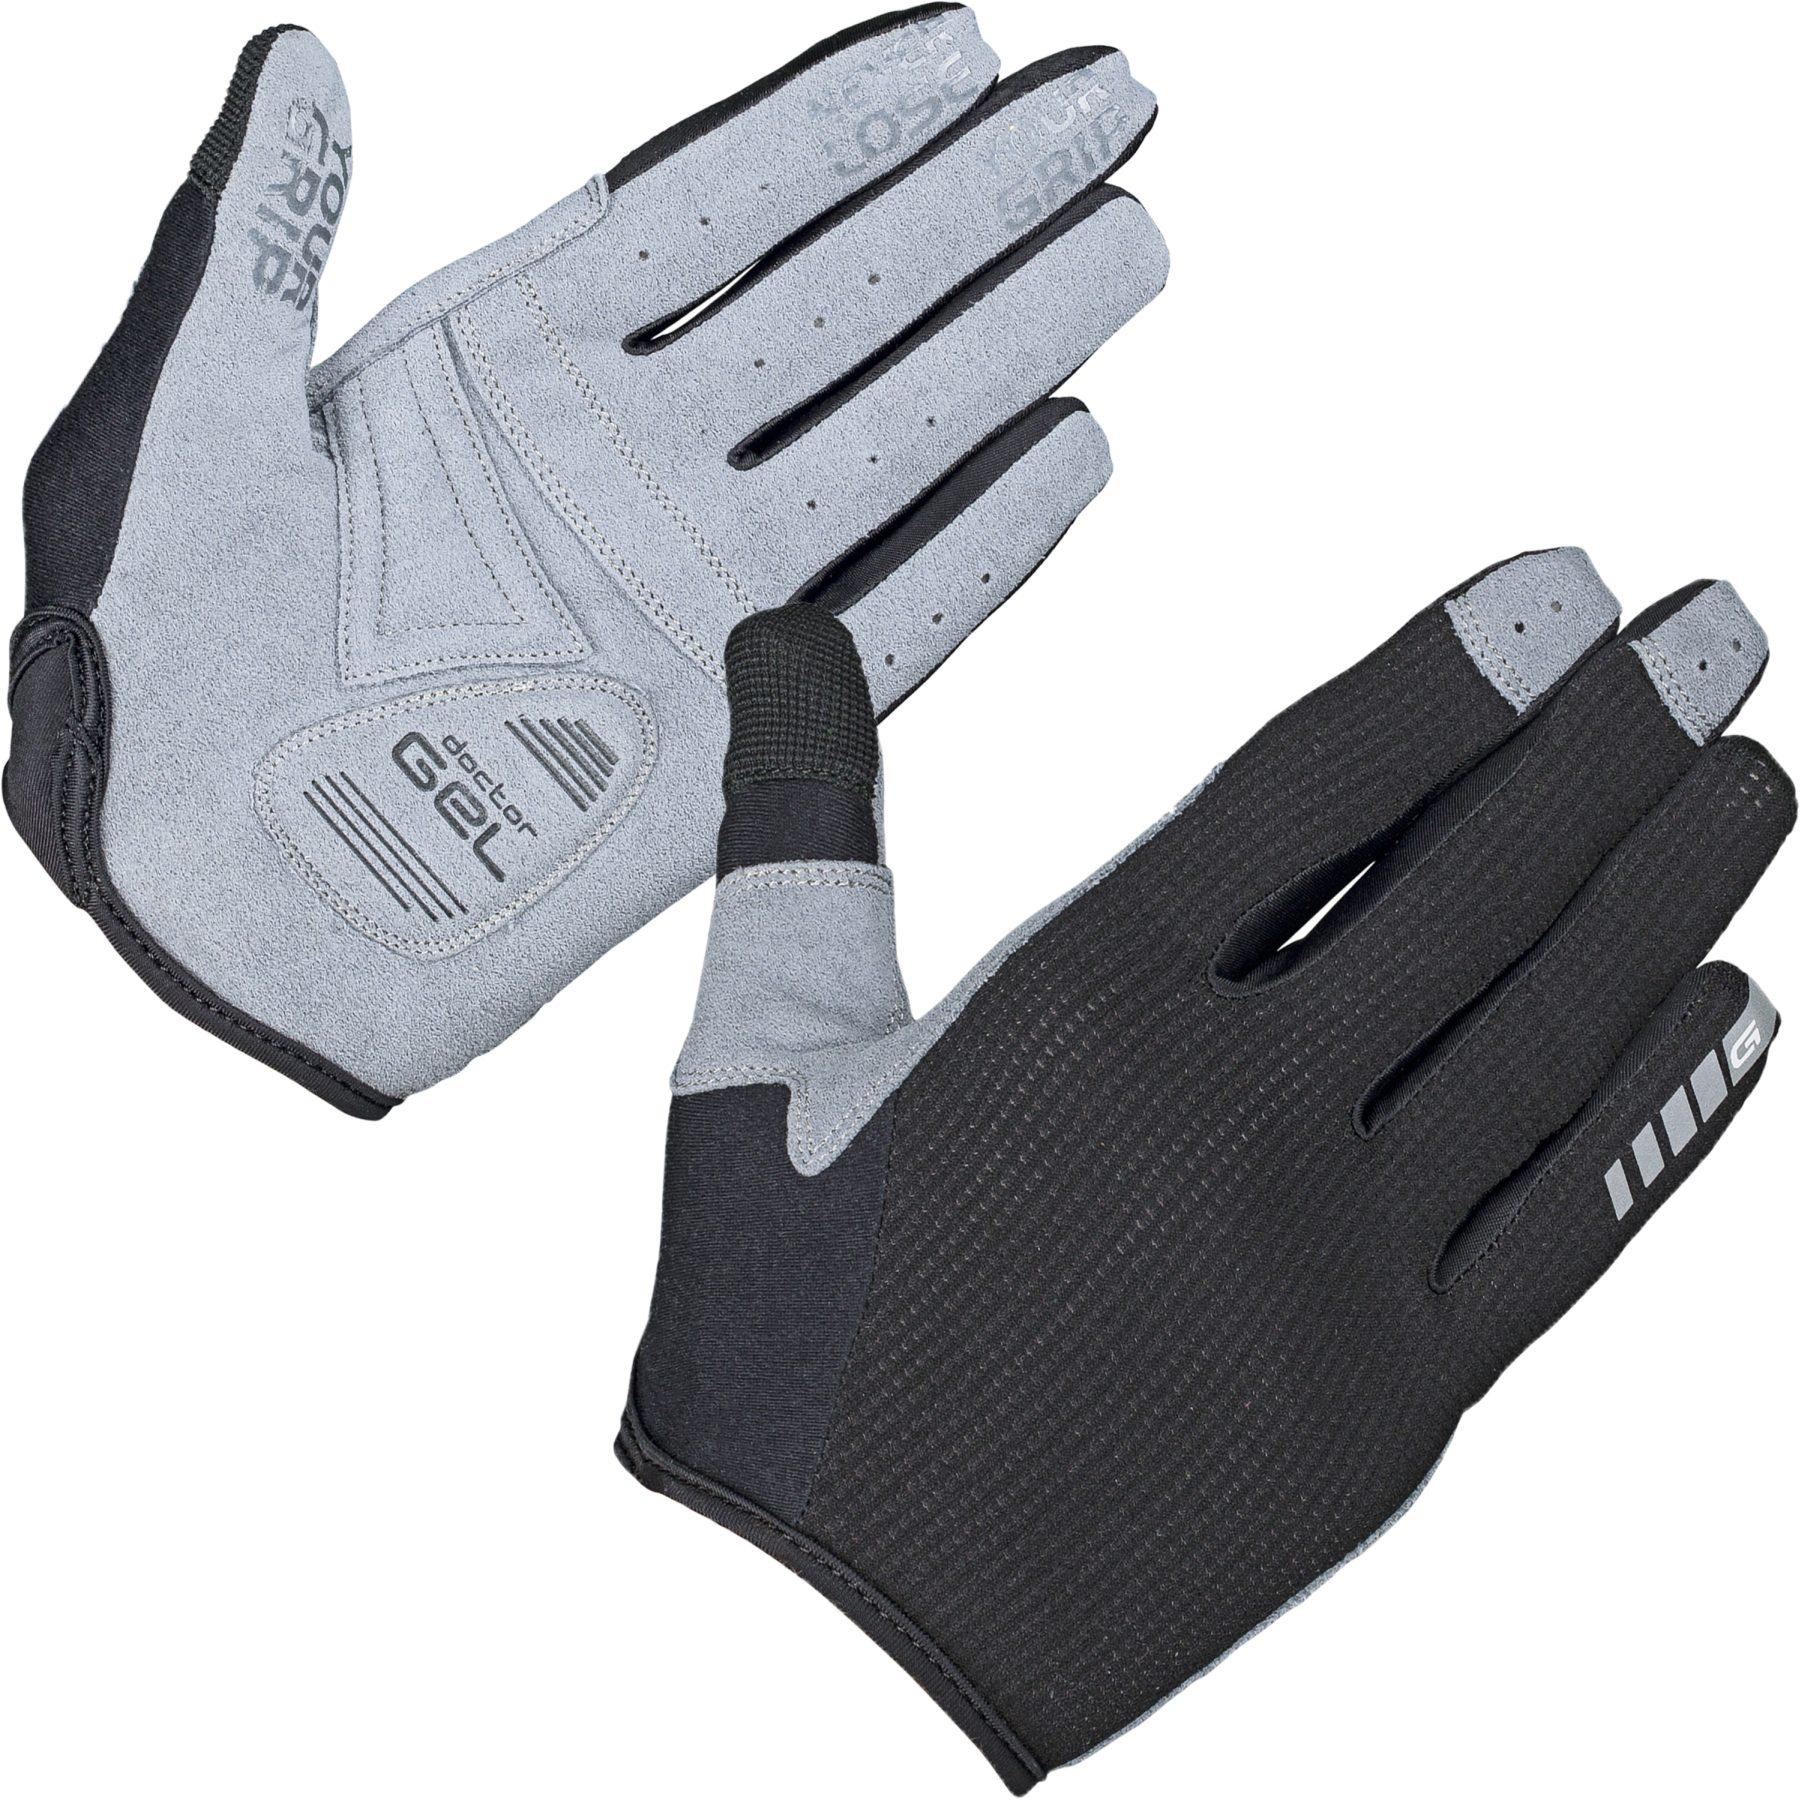 GripGrab Women's Shark Padded Full Finger Glove - black